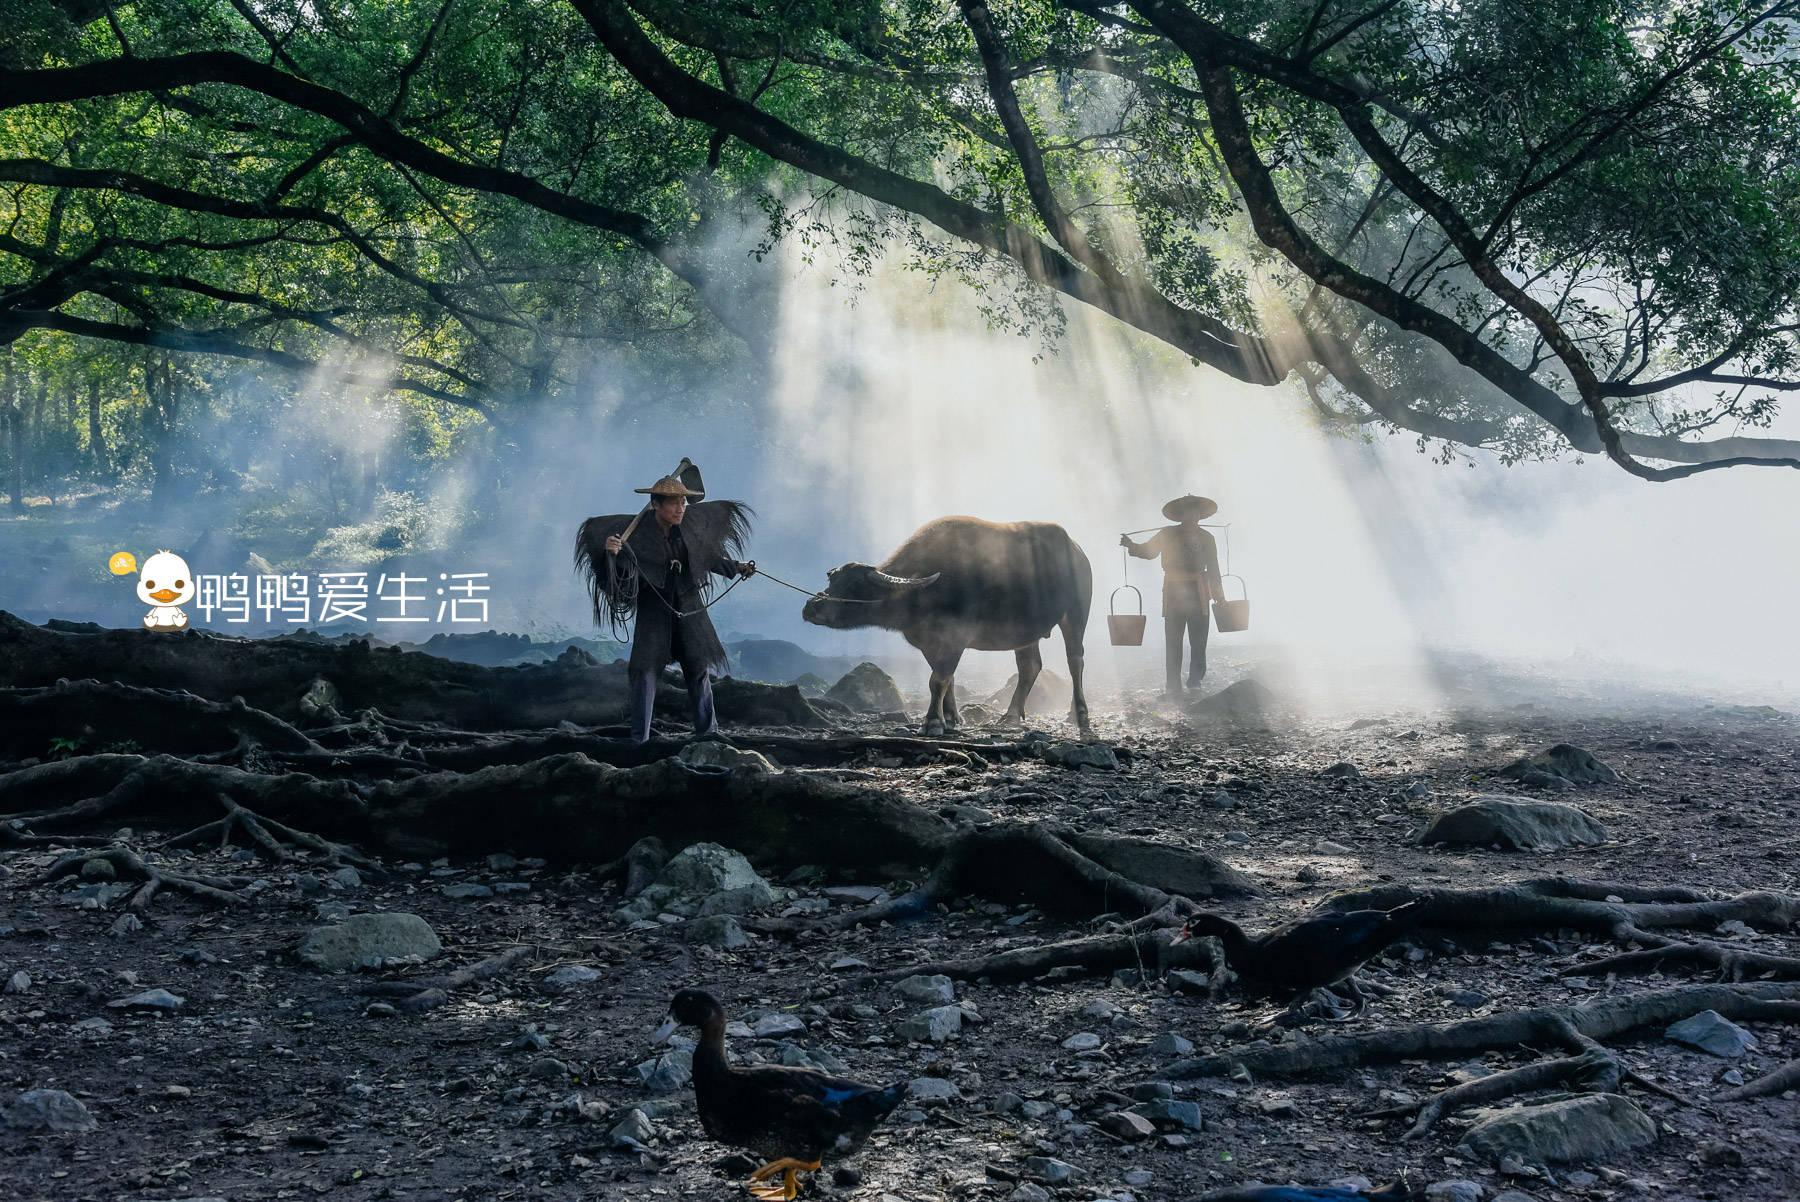 """宁德霞浦""""最经典""""画面,老汉牵牛原来是摆拍,老榕树跟朱熹有关"""